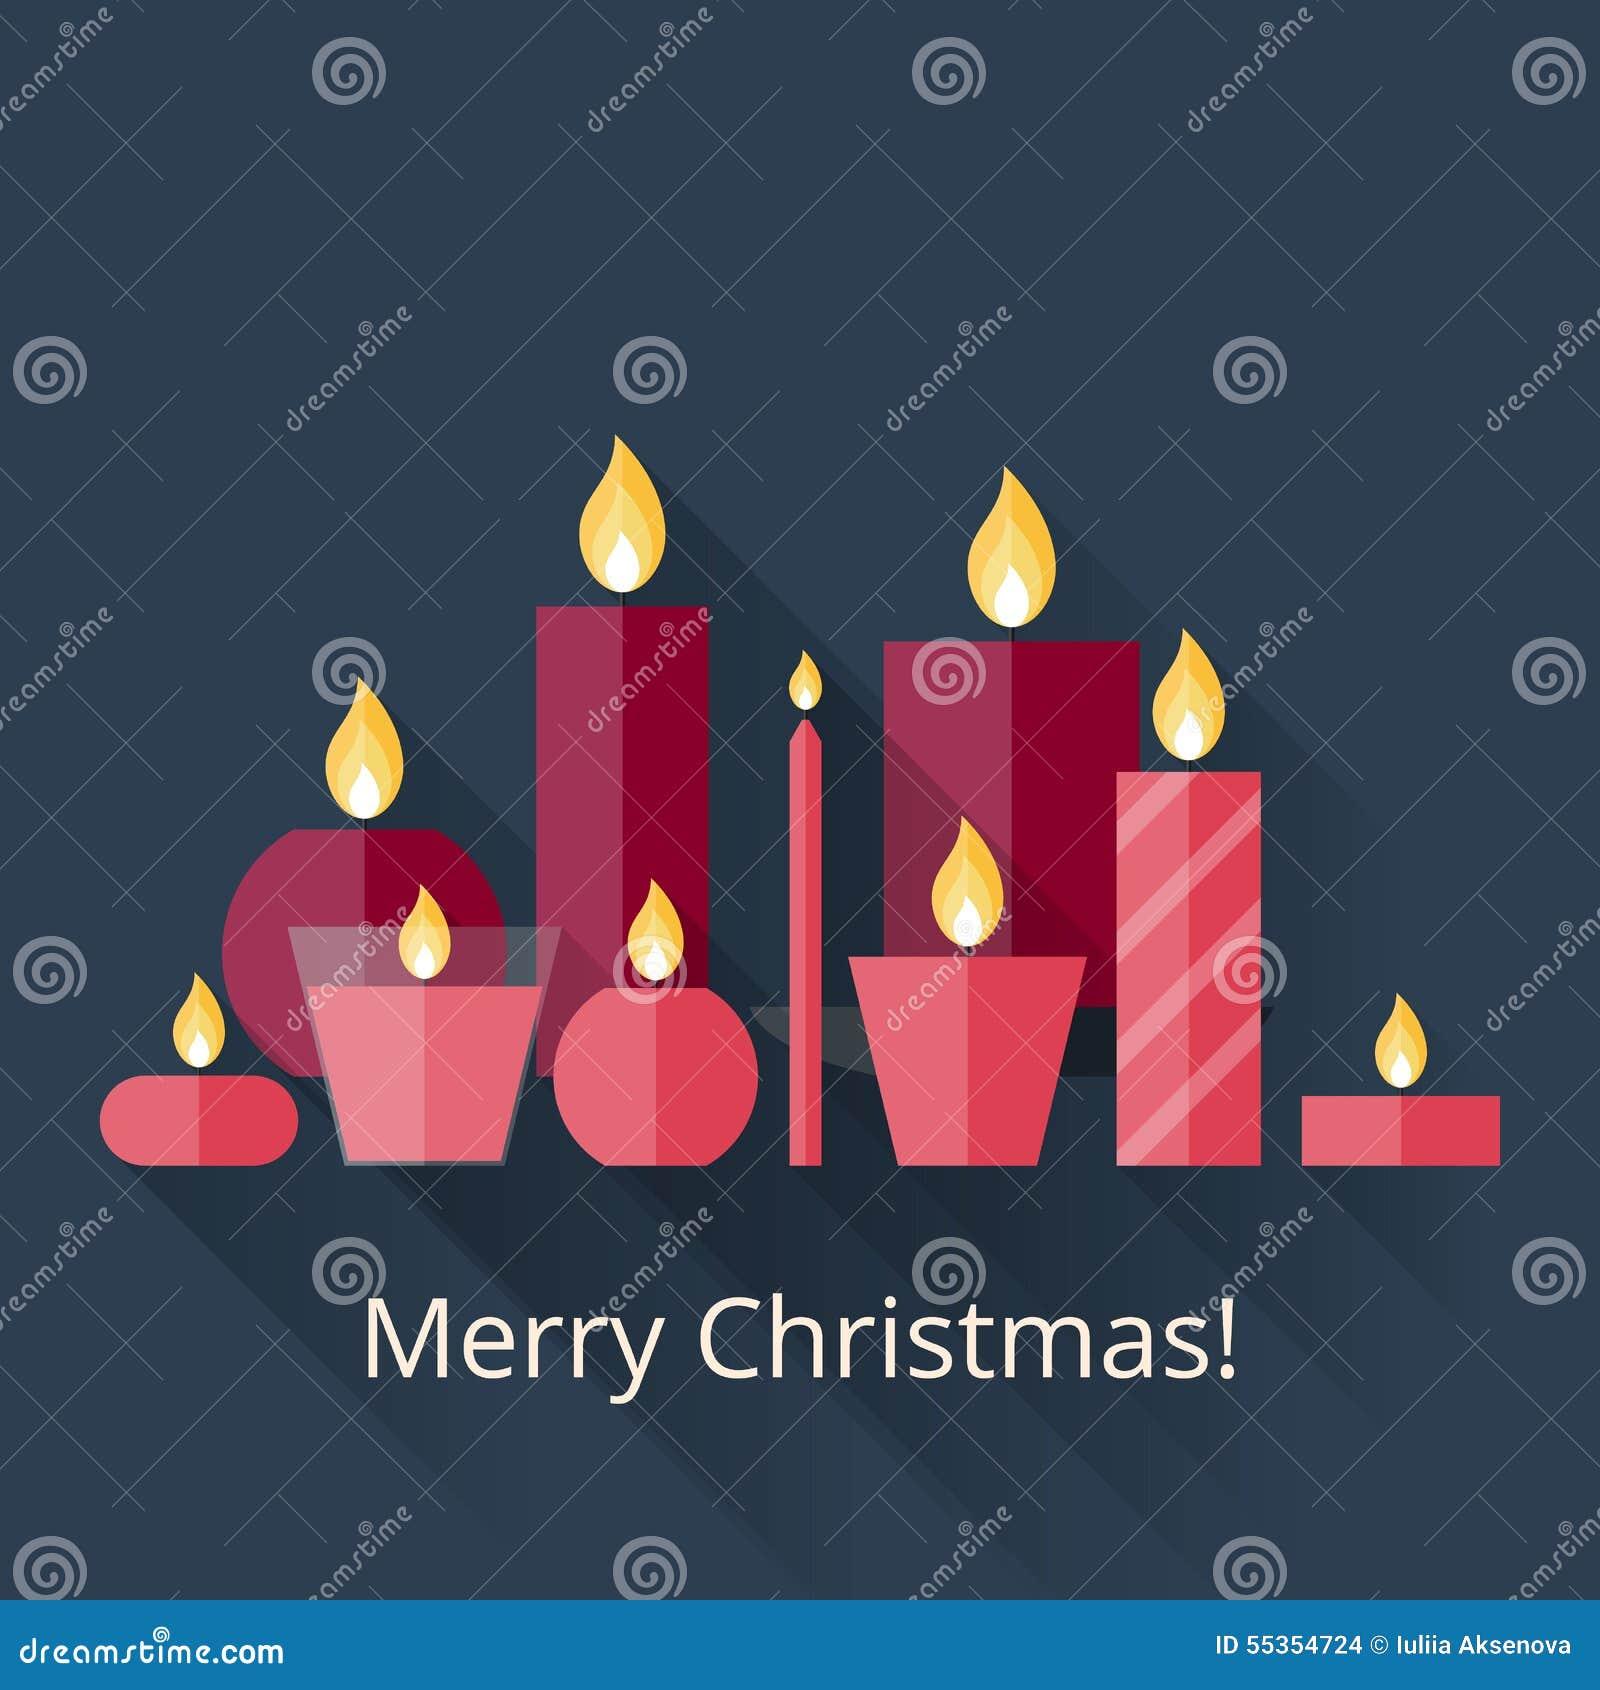 weihnachtskarte mit kerzen vektor abbildung bild 55354724. Black Bedroom Furniture Sets. Home Design Ideas